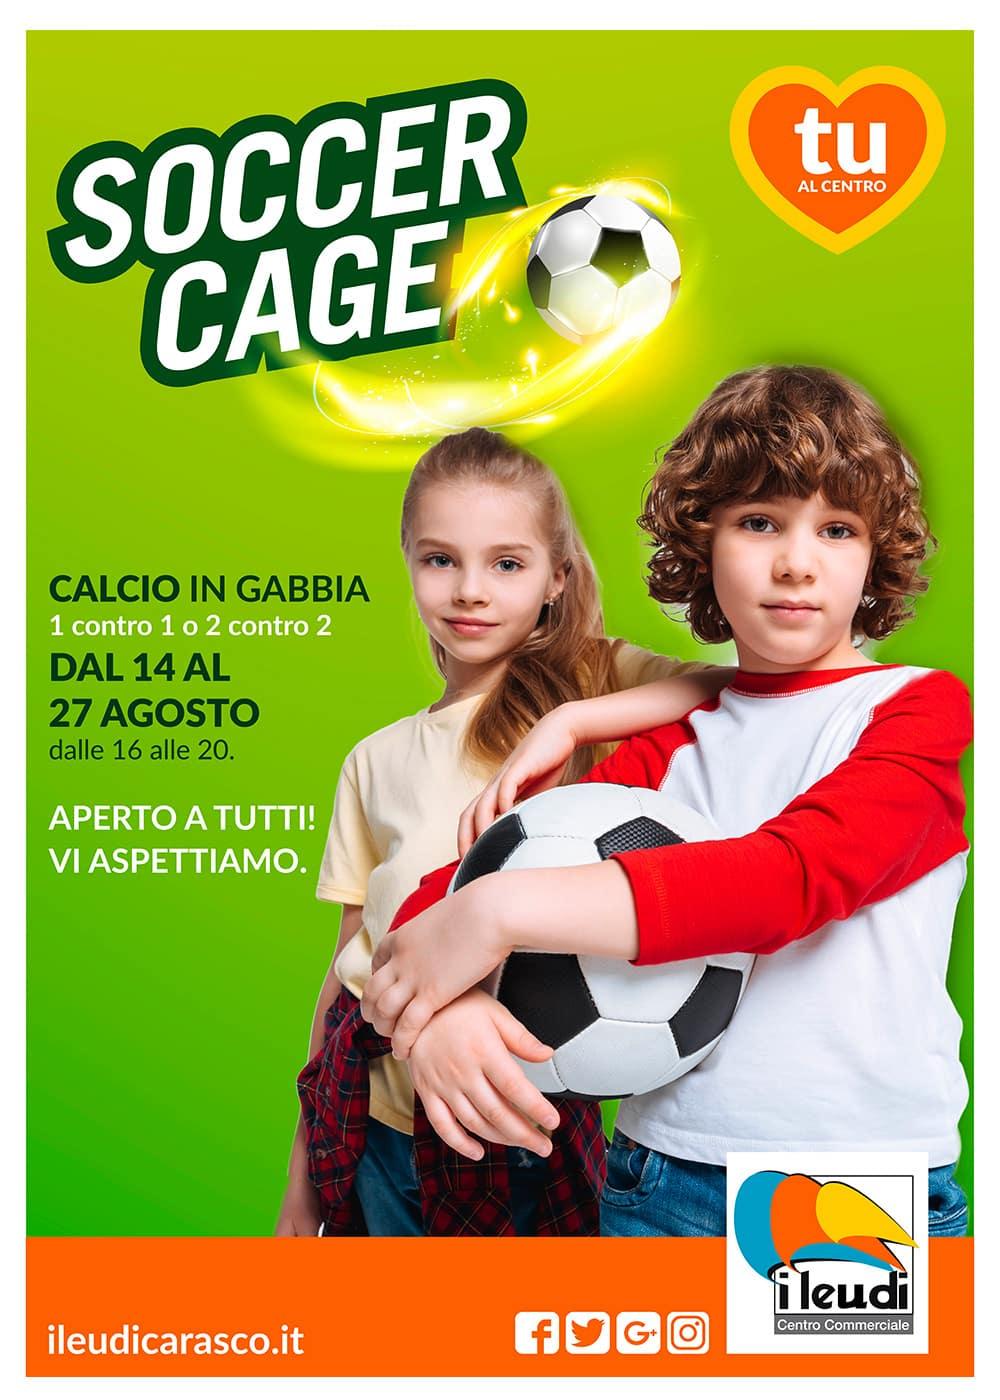 leudi_soccer-cage-web